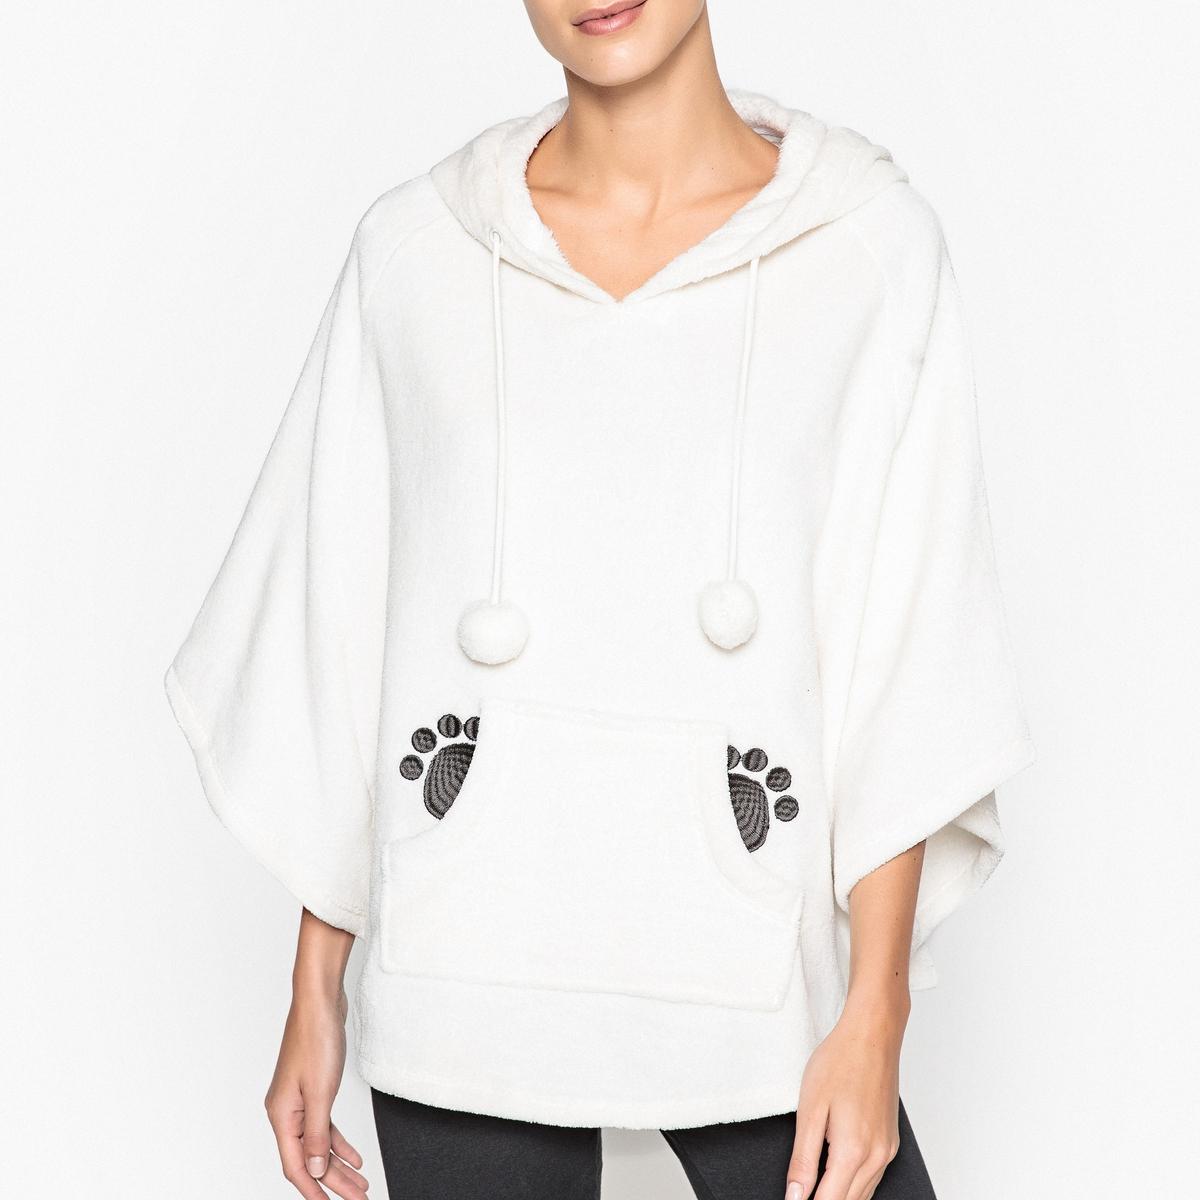 Пончо из флисаПончо в этом сезоне в почете и это очень кстати, так как у Вас есть возможность закутаться в это красивое пончо с капюшоном панда, карманом и помпонами!Состав и описаниеПончо с карманом спереди. Капюшон с ушками. Завязки с помпонамиМатериал : 100% полиэстерРазмеры : 70 смУход : Стирать с вещами схожих цветов..Стирать и сушить с изнаночной стороны<br><br>Цвет: белый